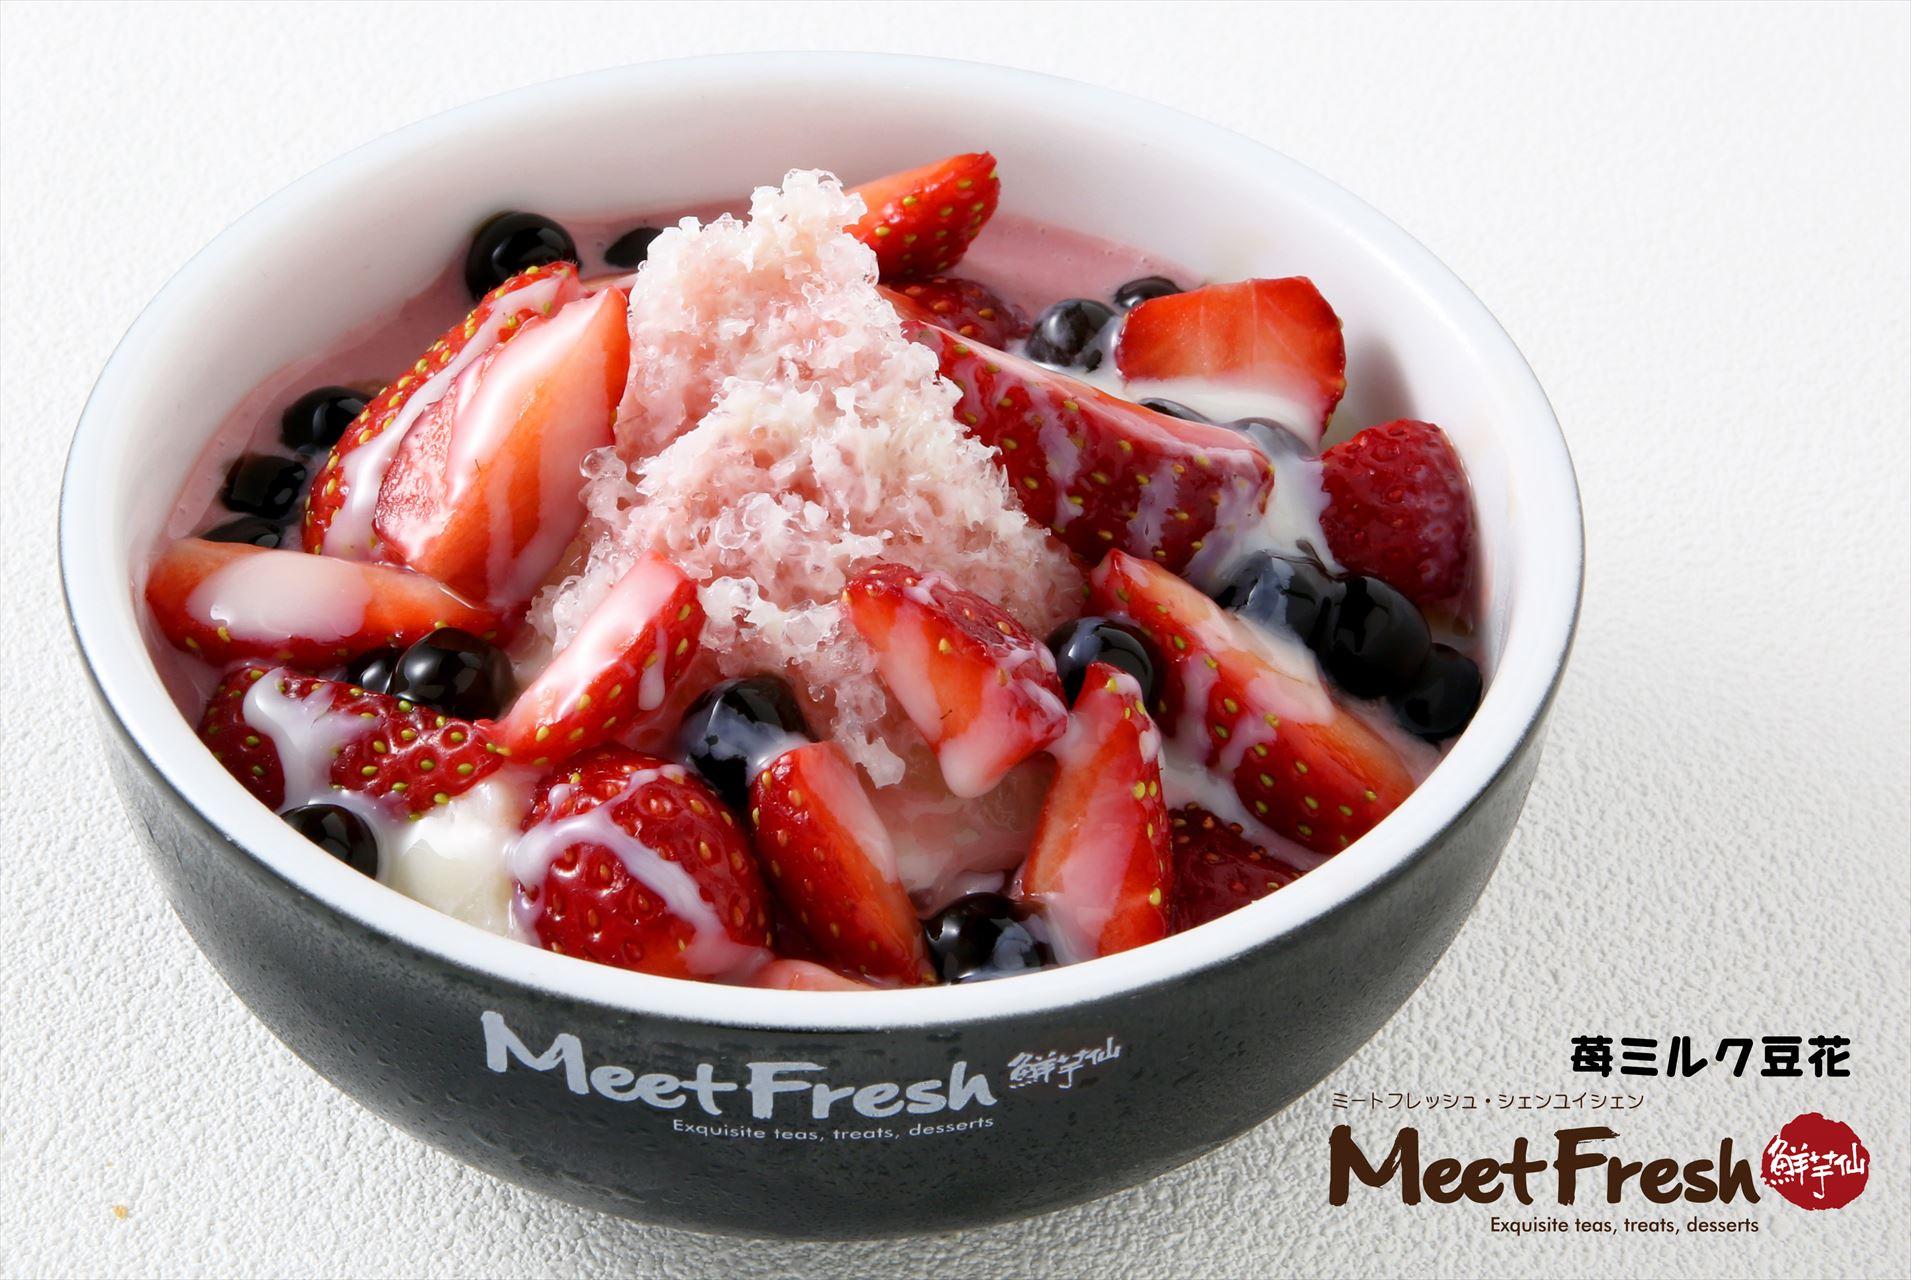 MeetFresh鮮芋仙 苺ミルク豆花